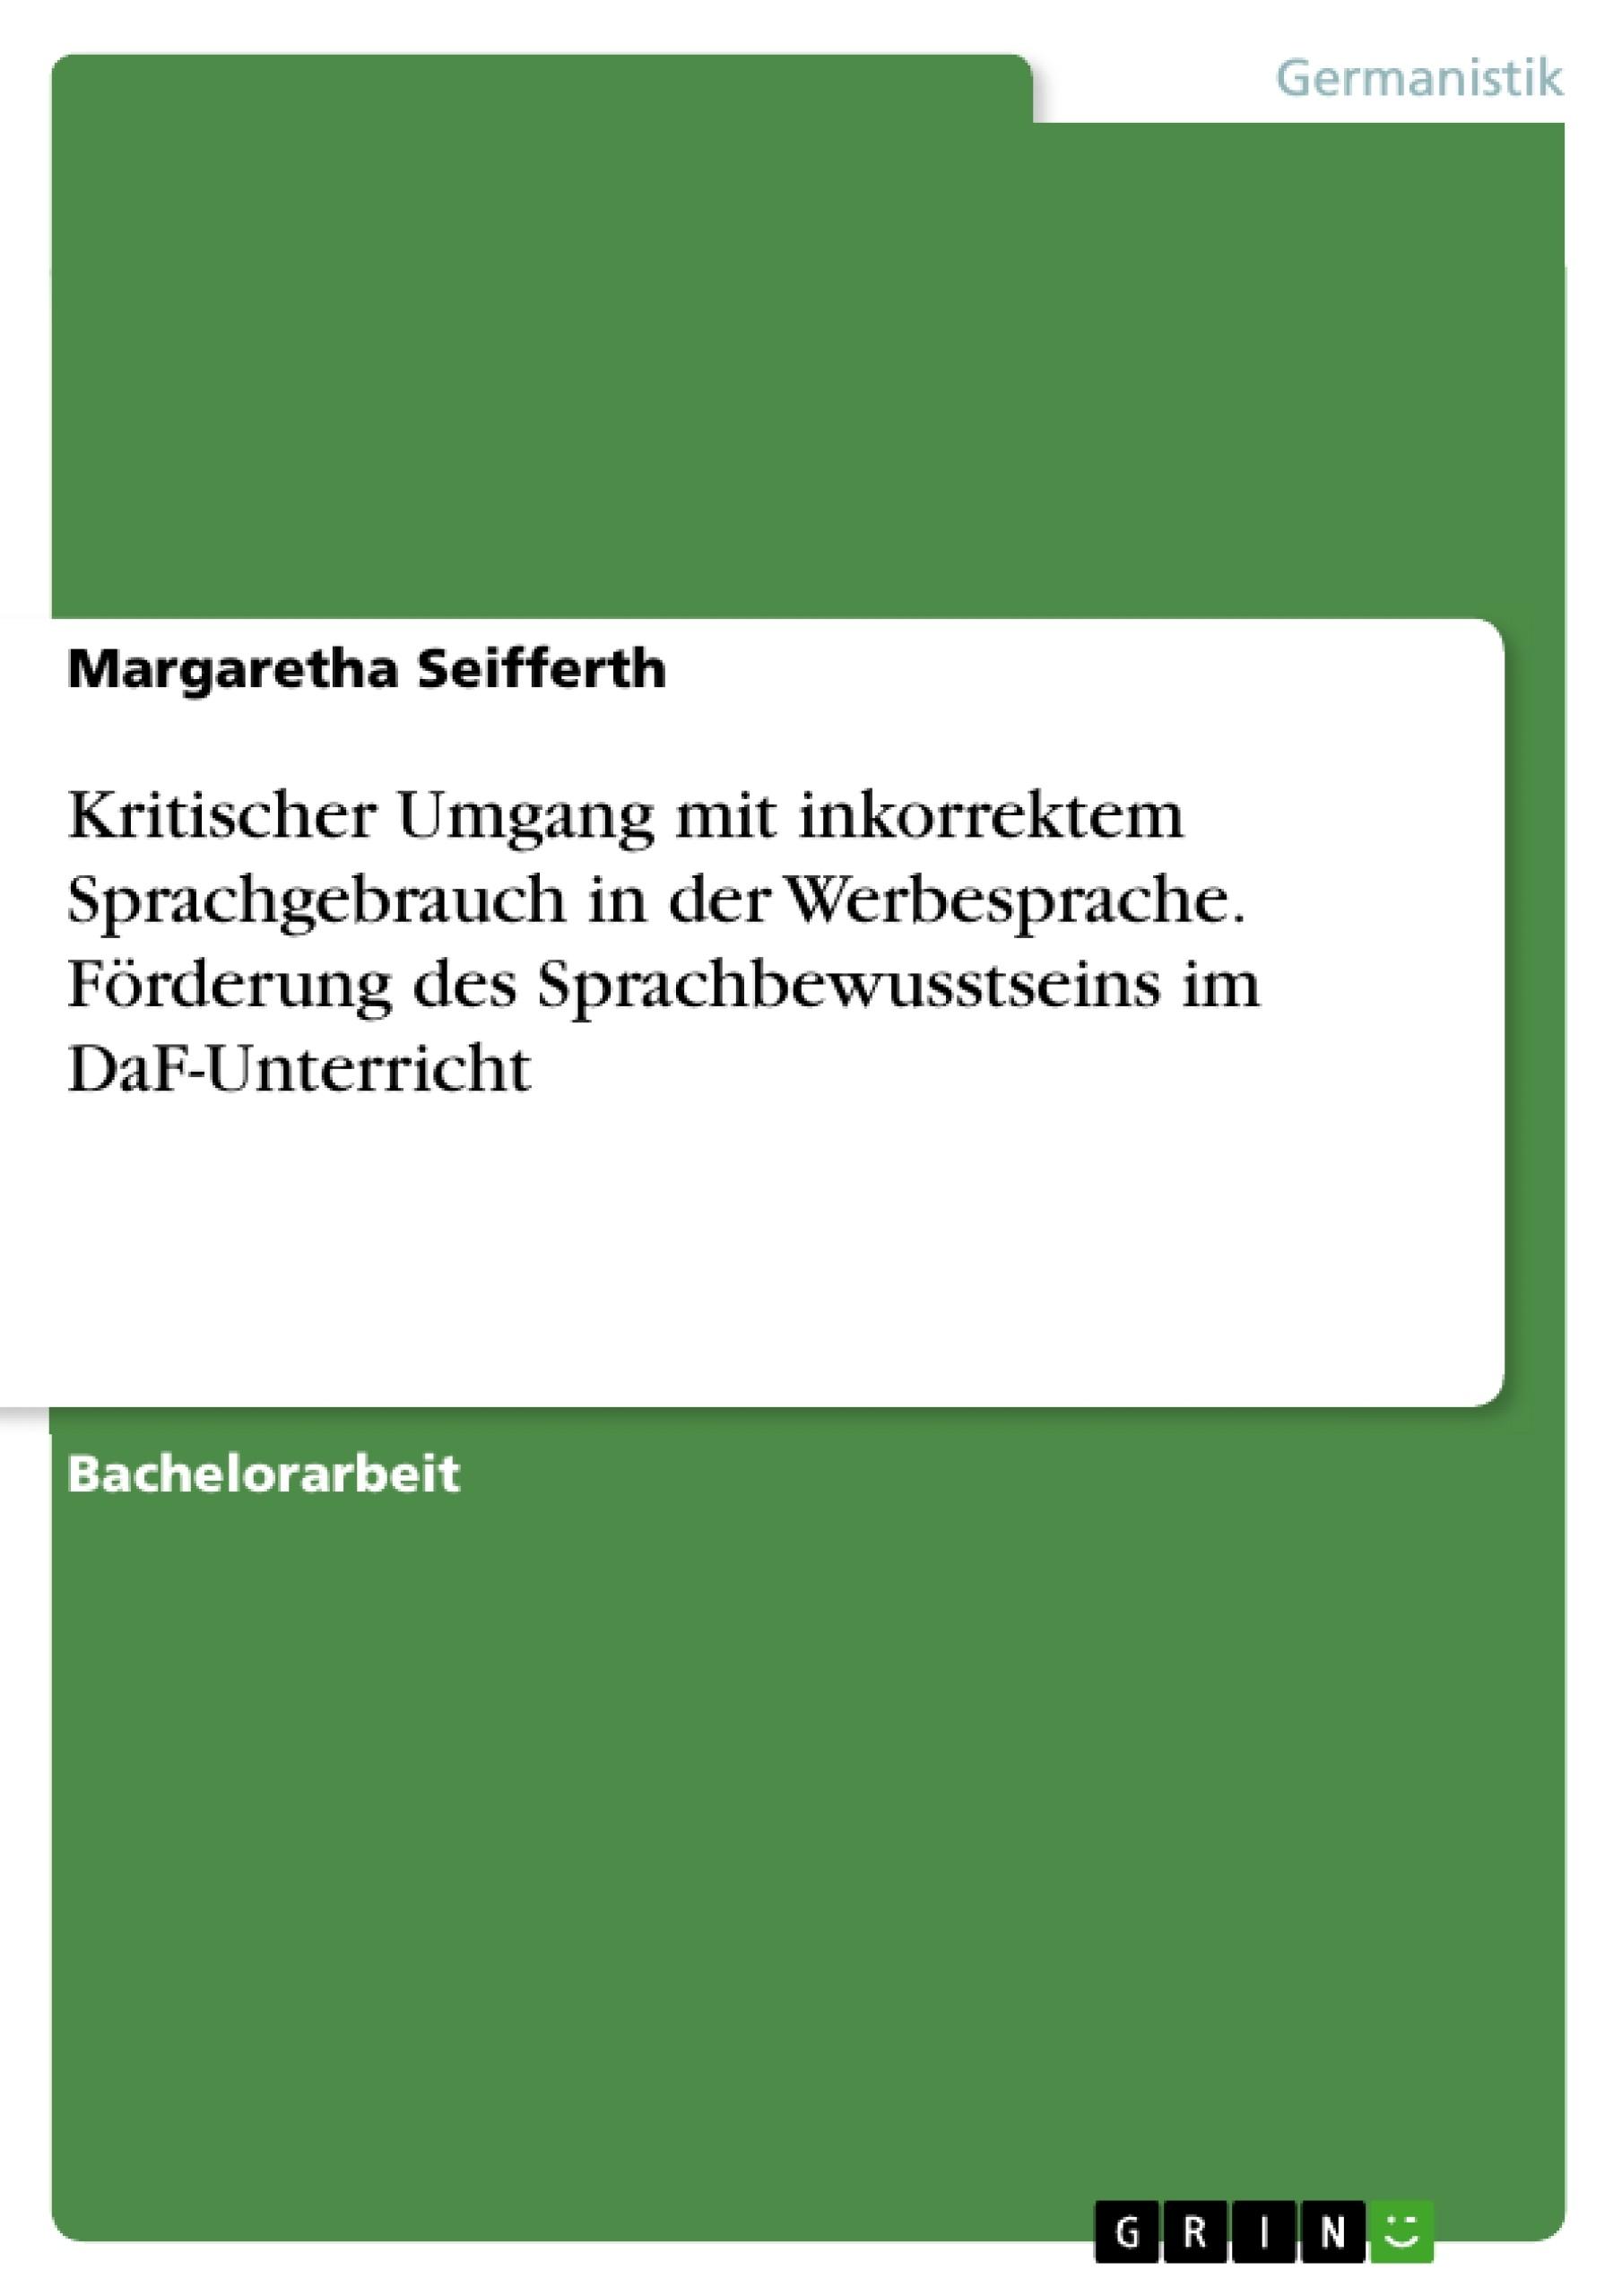 Titel: Kritischer Umgang mit inkorrektem Sprachgebrauch in der Werbesprache. Förderung des Sprachbewusstseins im DaF-Unterricht